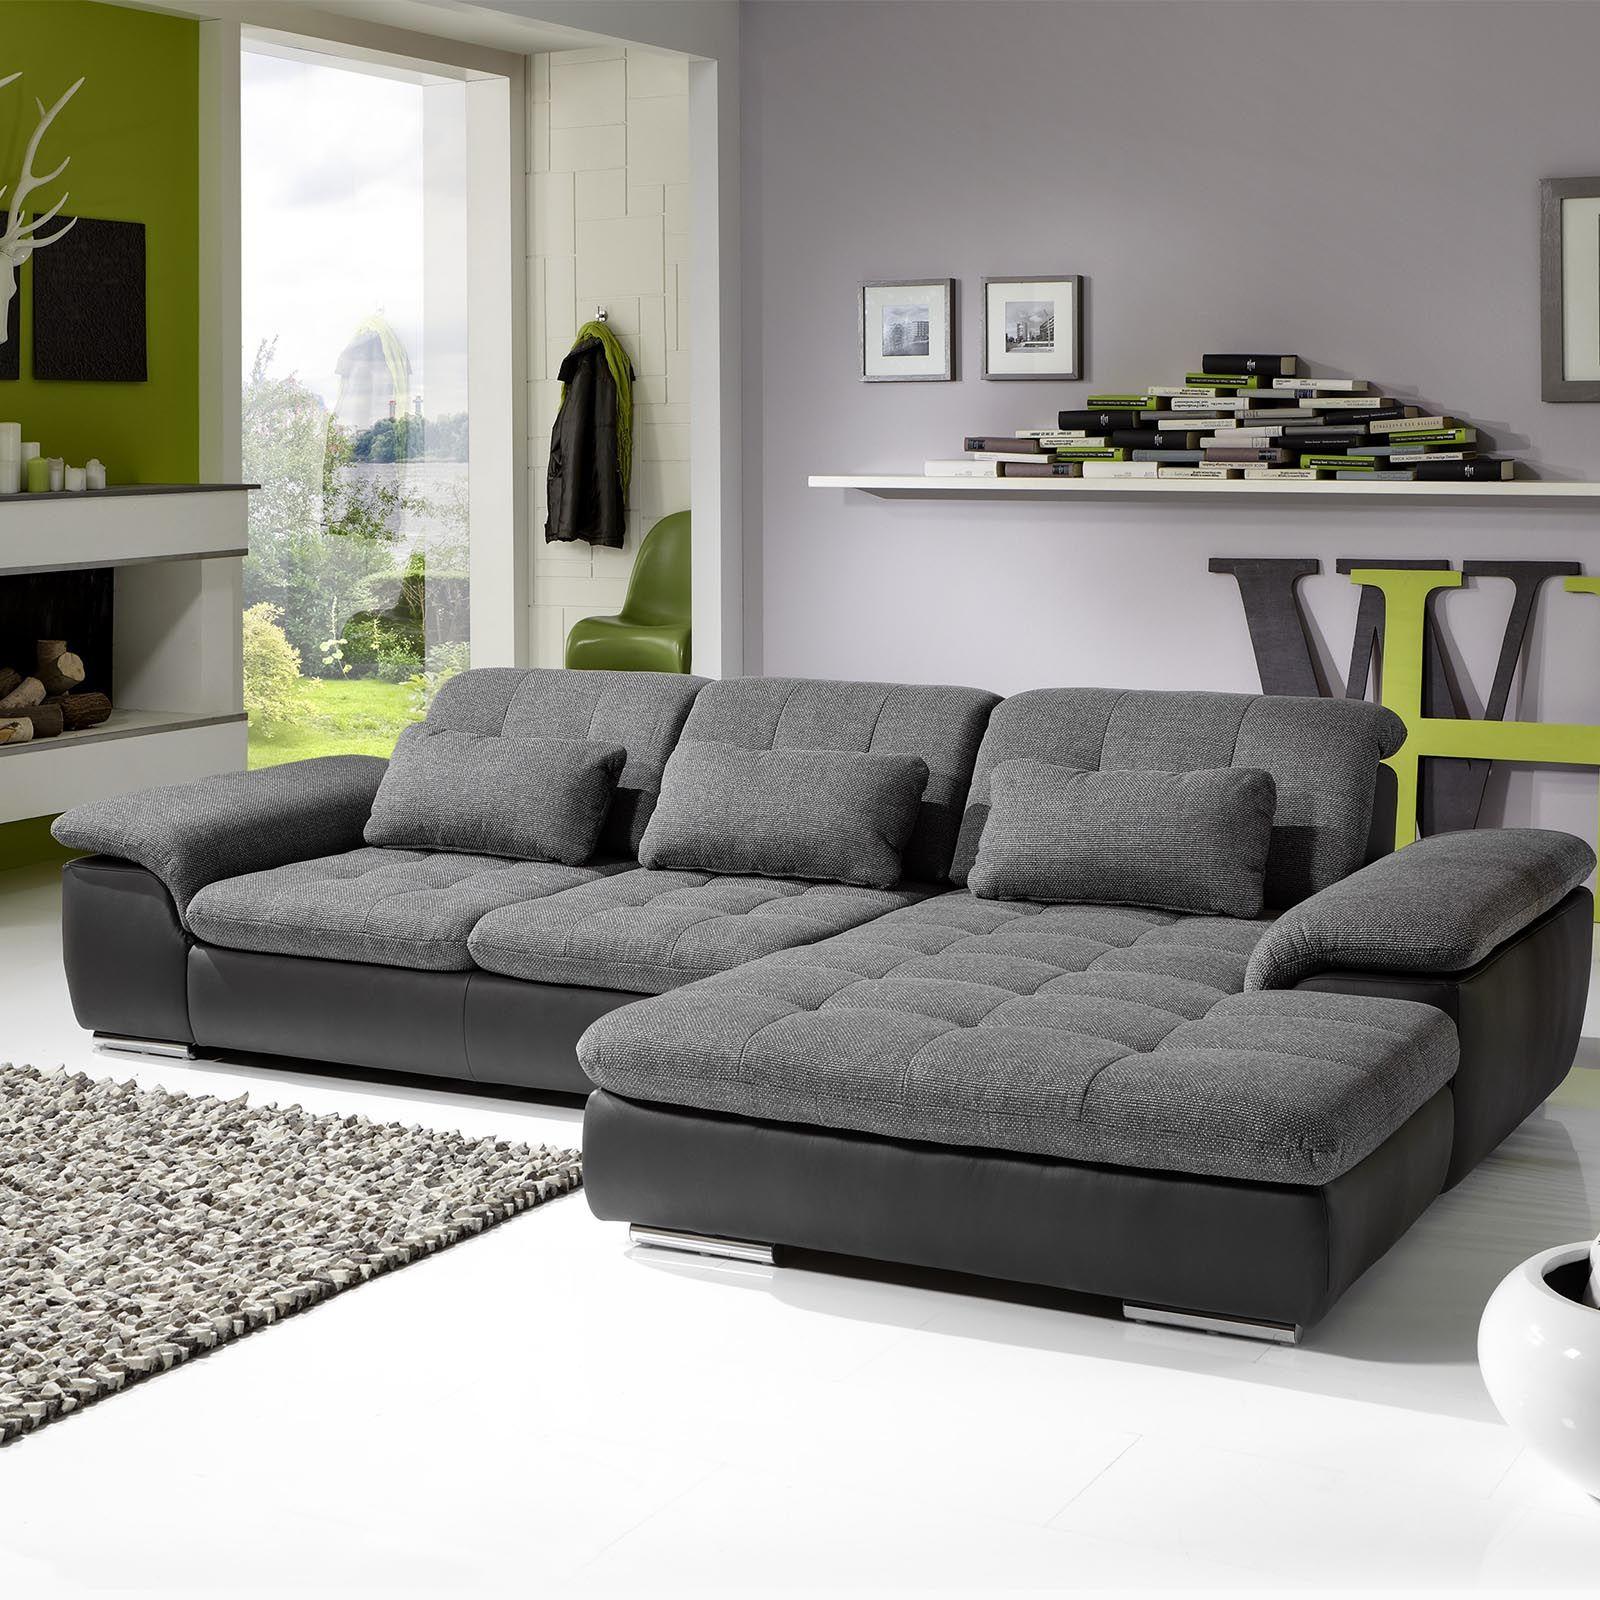 wohnlandschaft individuell isola anthrazit silver modern. Black Bedroom Furniture Sets. Home Design Ideas